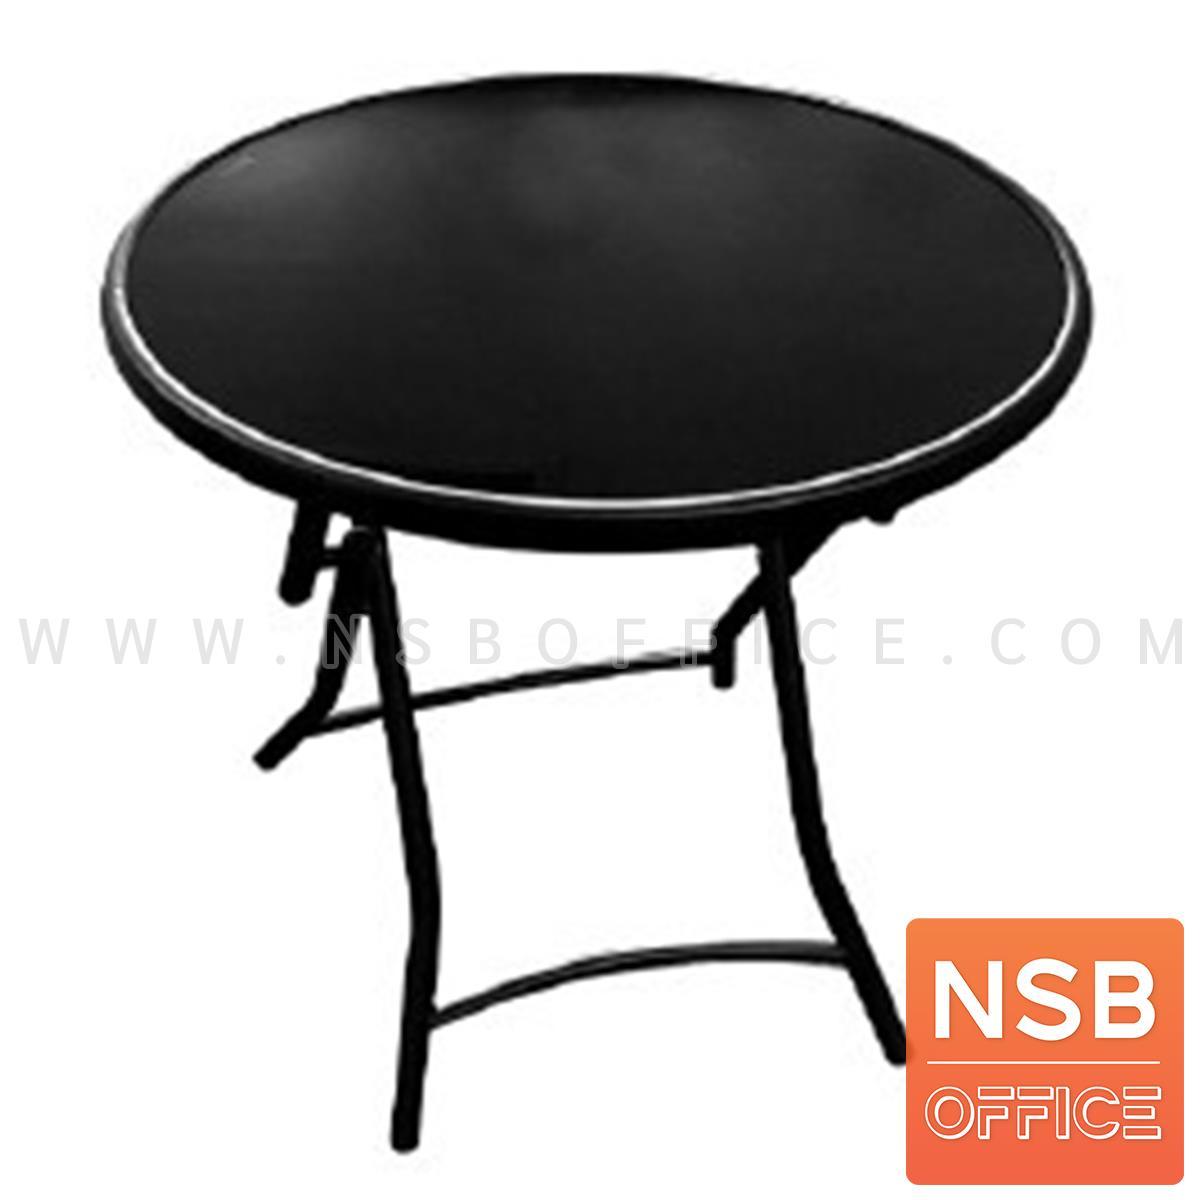 A08A019:โต๊ะพับสเตนเลส รุ่น Lauv (ลาว์ฟ) ขนาด 60Di*75H cm. ขาพ่นสี